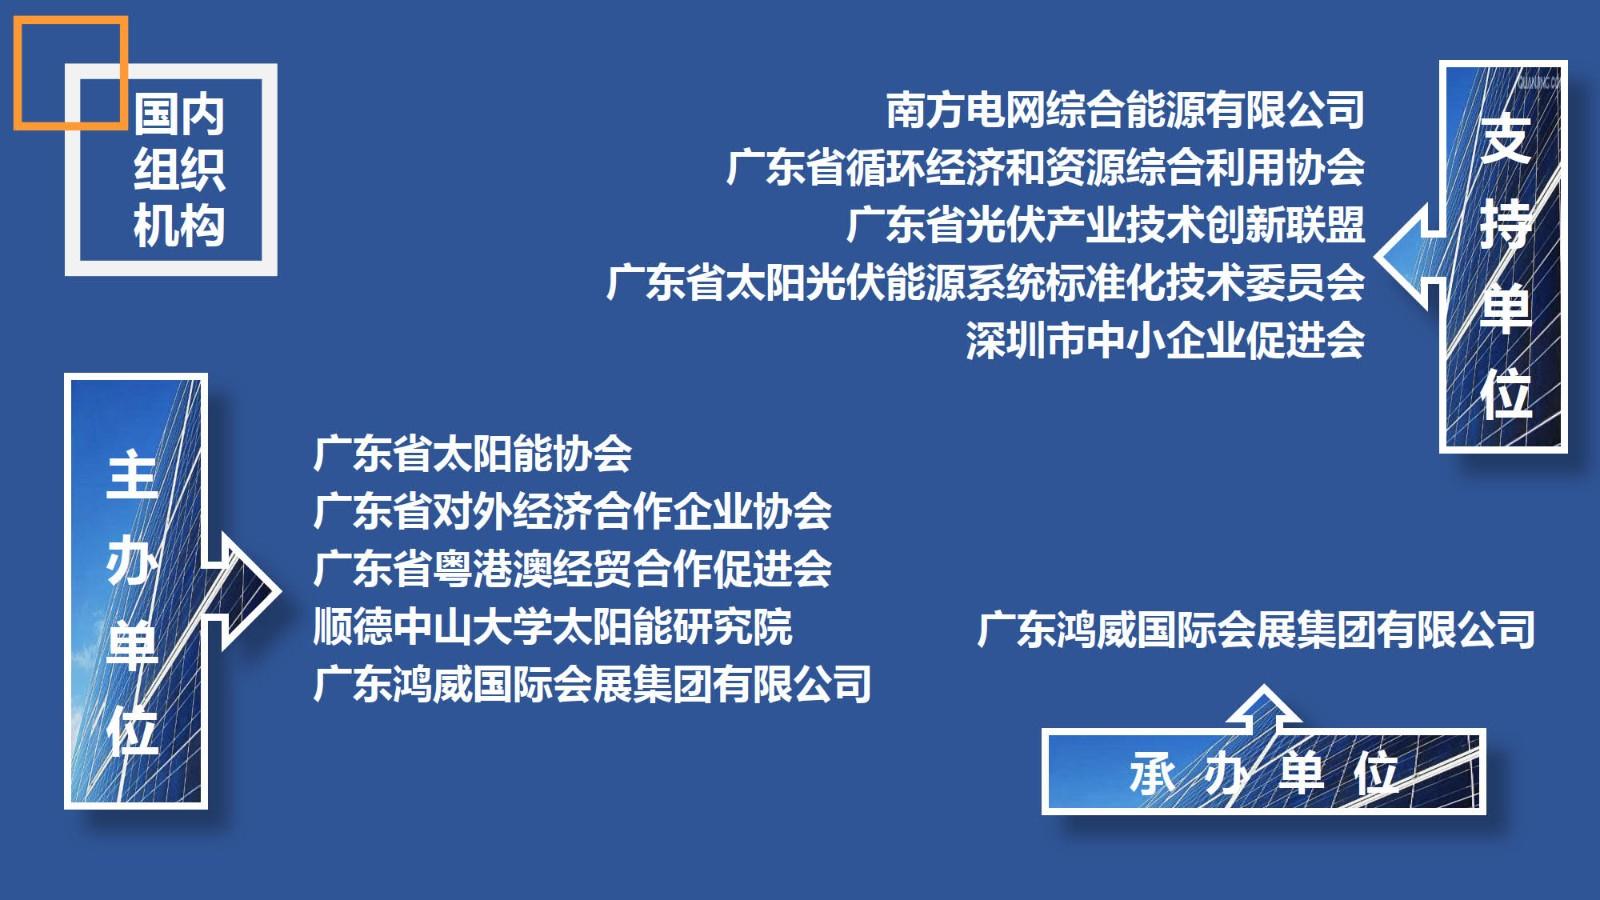 2021广州光伏设备展览会(www.828i.com)